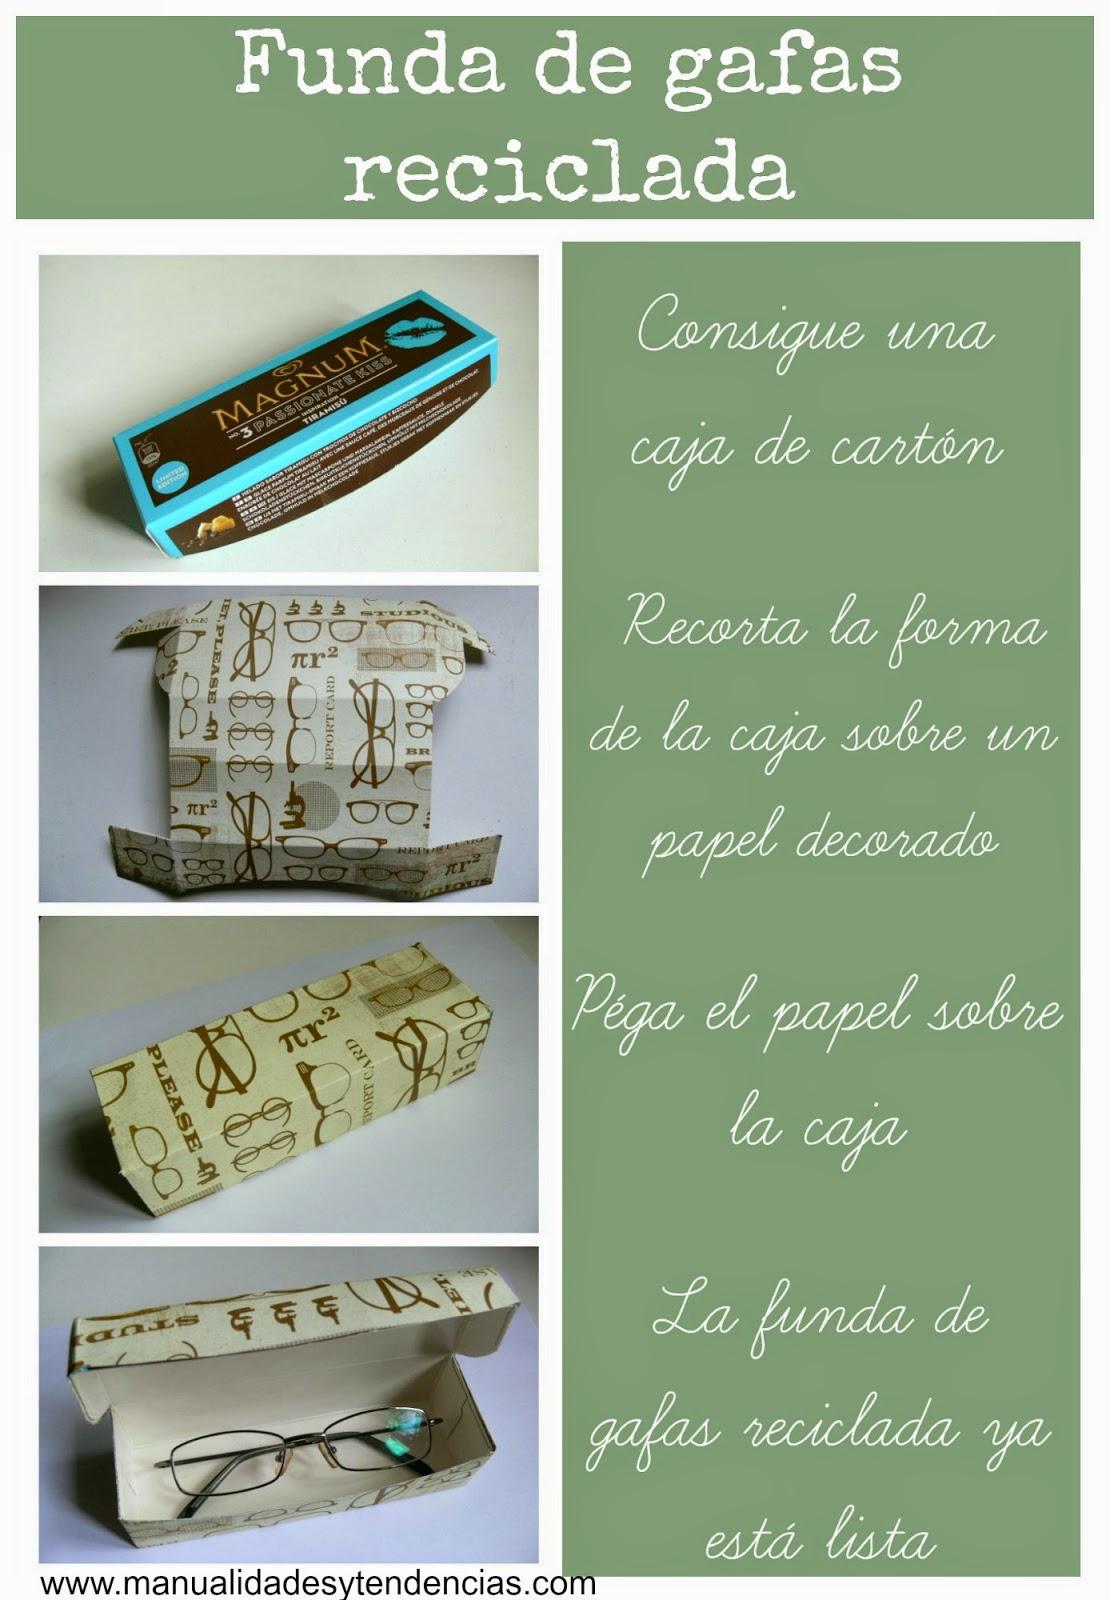 cómo hacer una funda de gafas reciclada